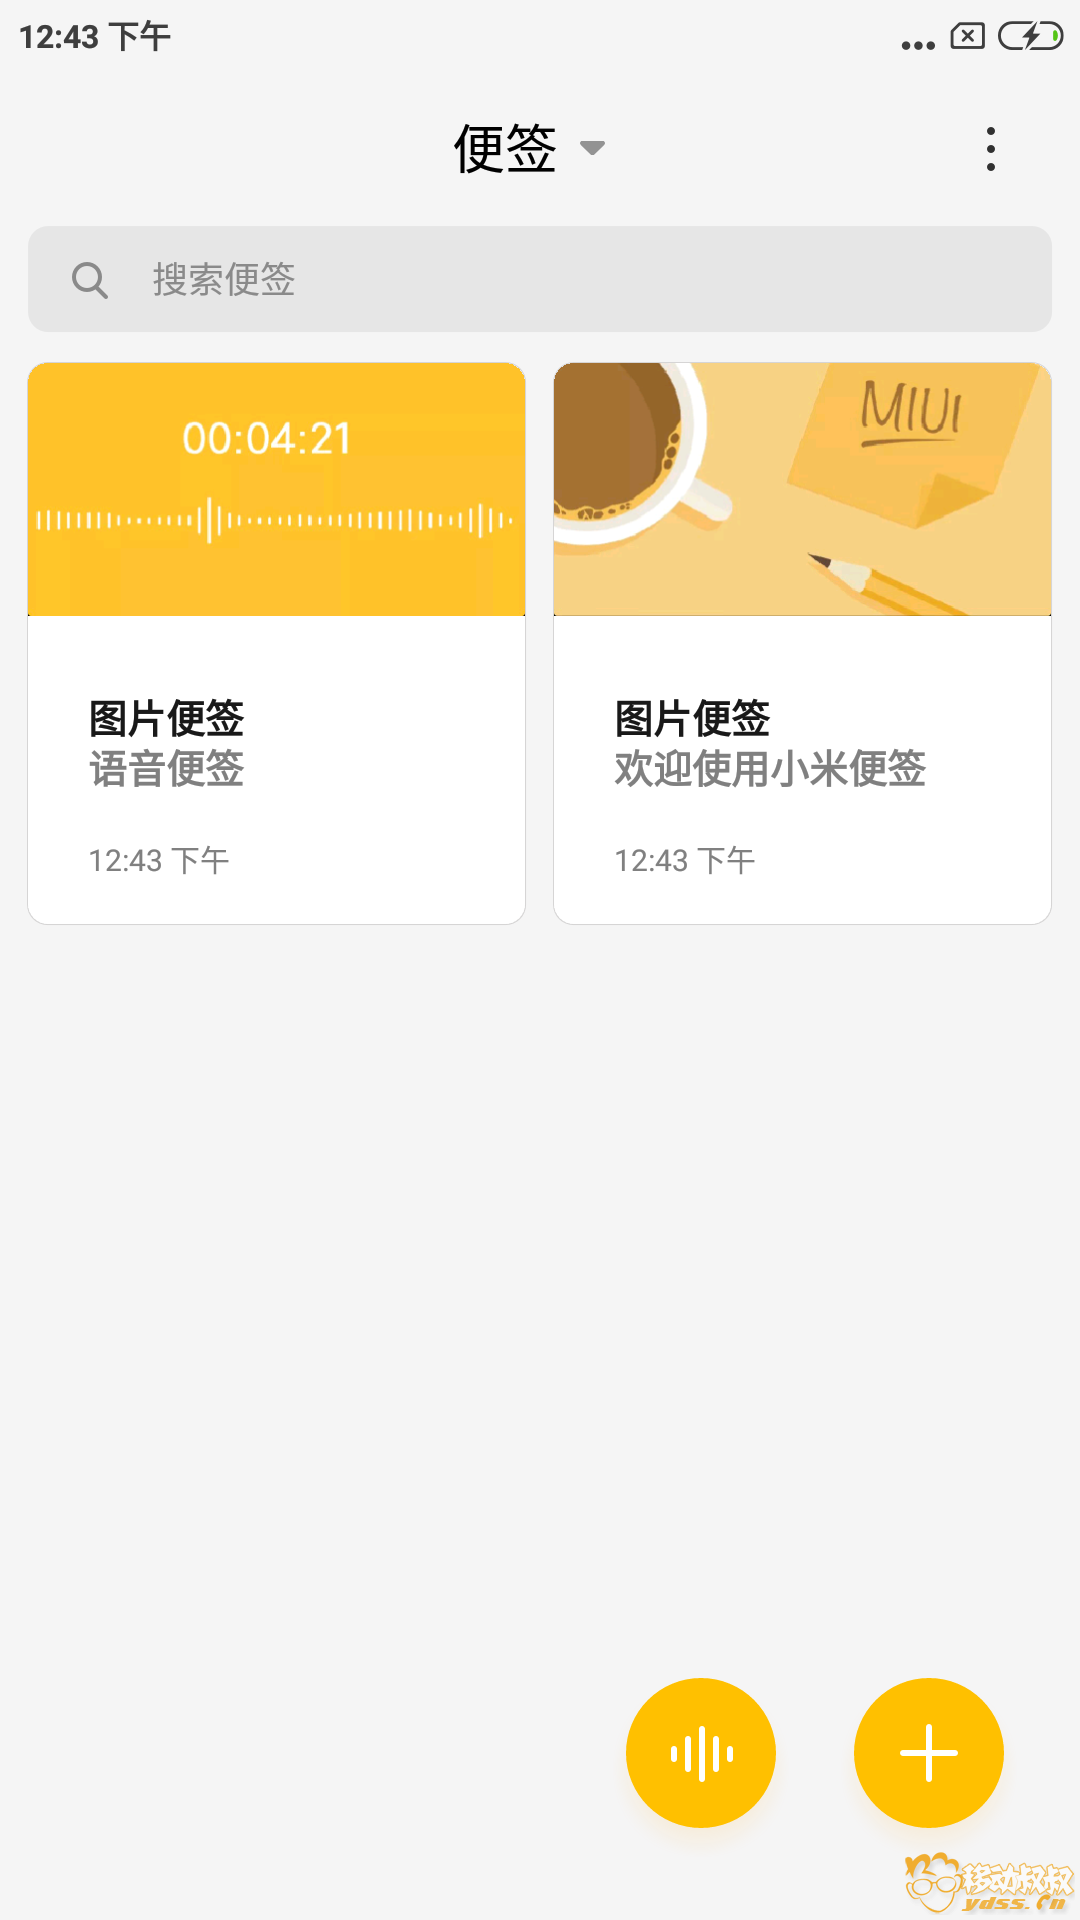 Screenshot_2018-10-11-12-43-56-297_com.miui.notes.png